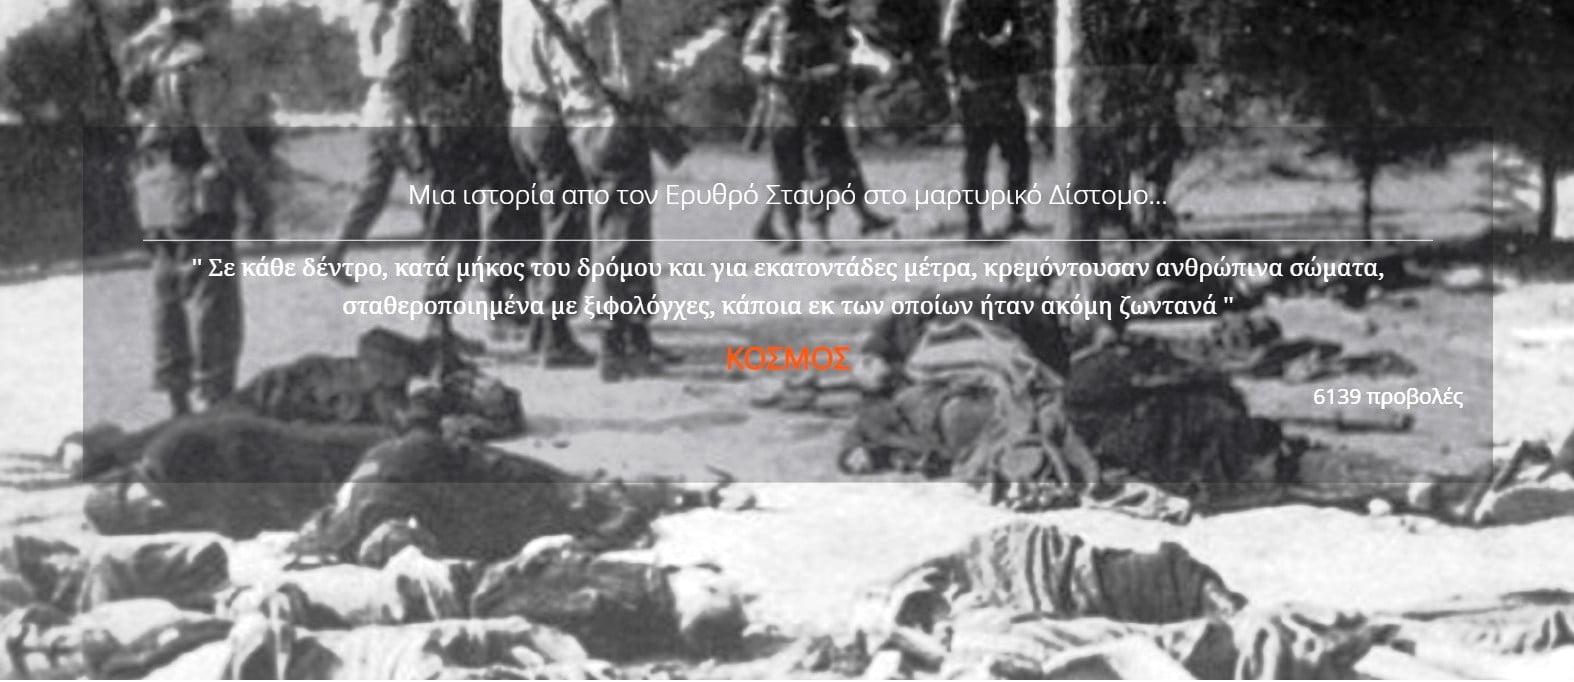 Η συγκλονιστική μαρτυρία του επικεφαλής του Διεθνούς Ερυθρού Σταυρού που πάτησε πρώτος στο Δίστομο